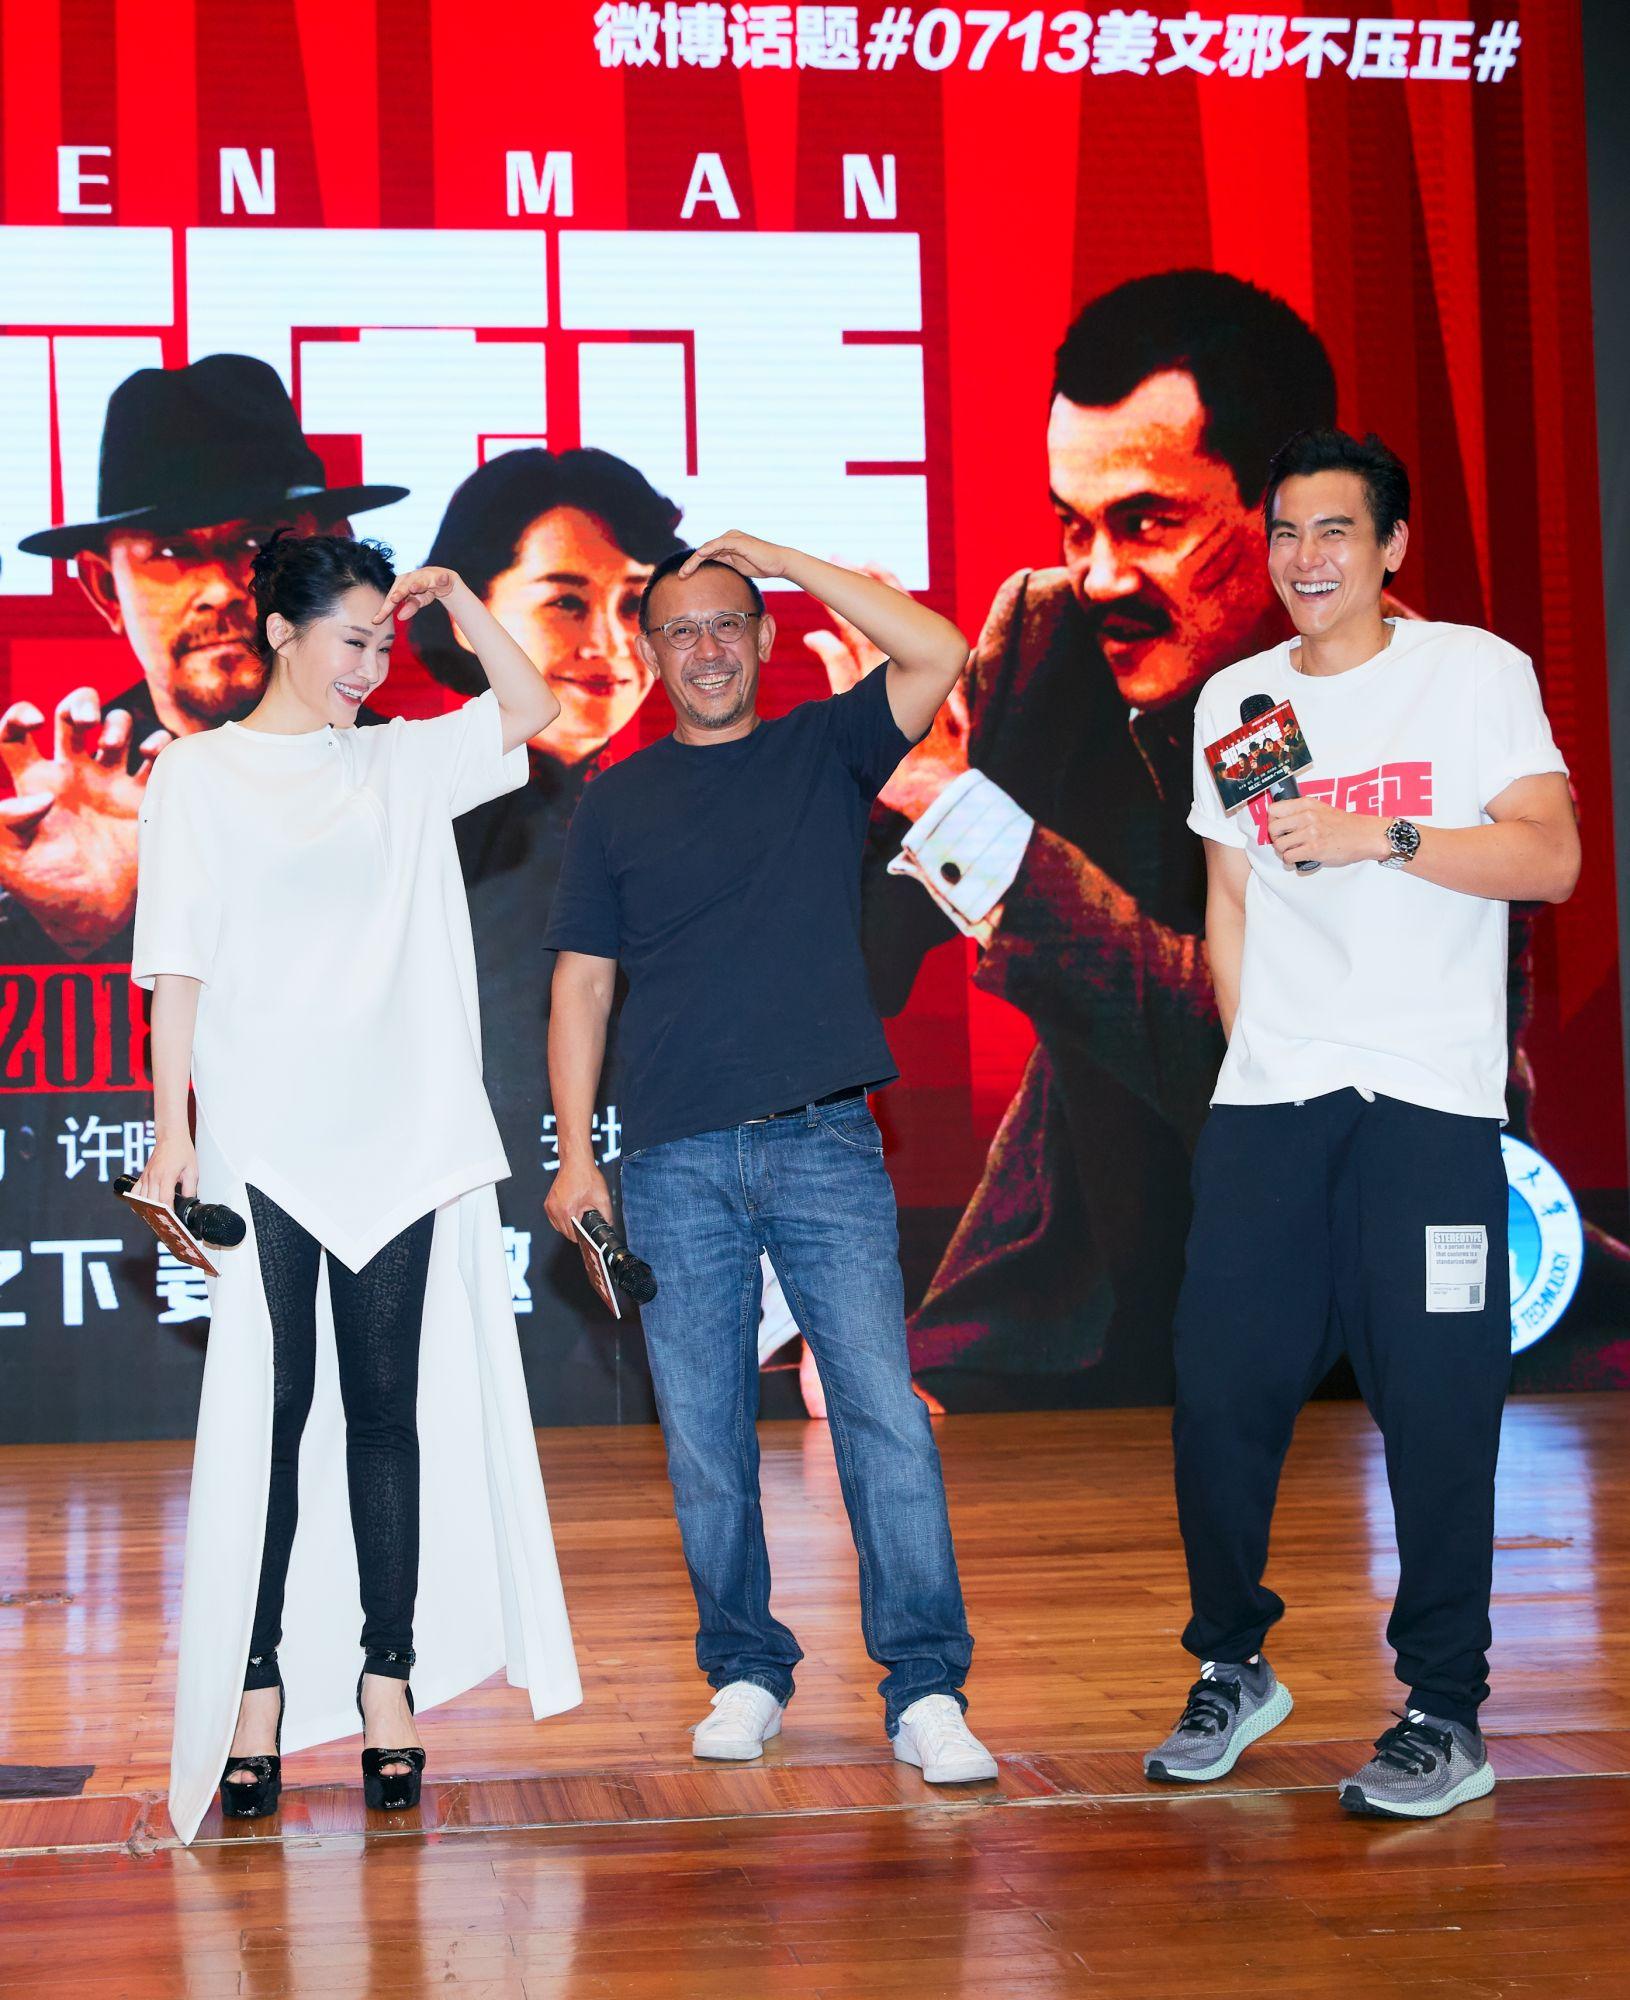 《邪不压正》被赞十年最爽电影 姜文彭于晏许晴与广州3000观众同醉